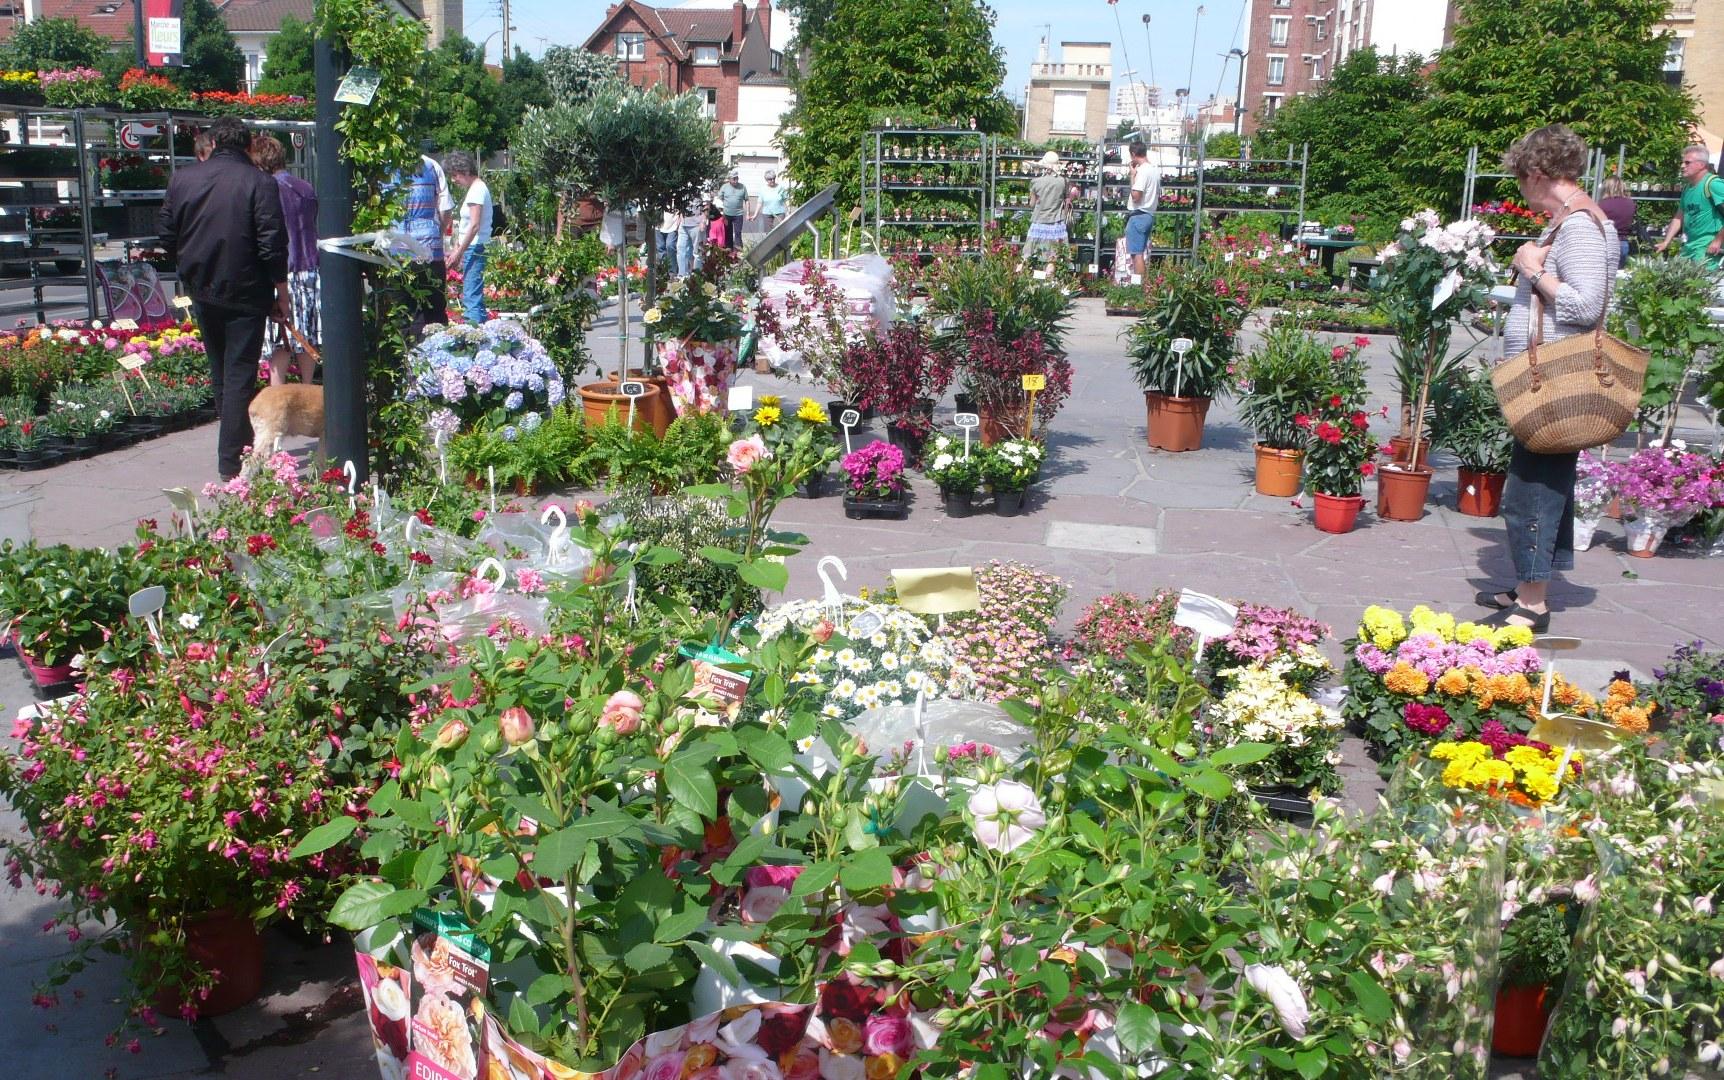 March aux fleurs et jardins les march s de l on for Jardin aux fleurs